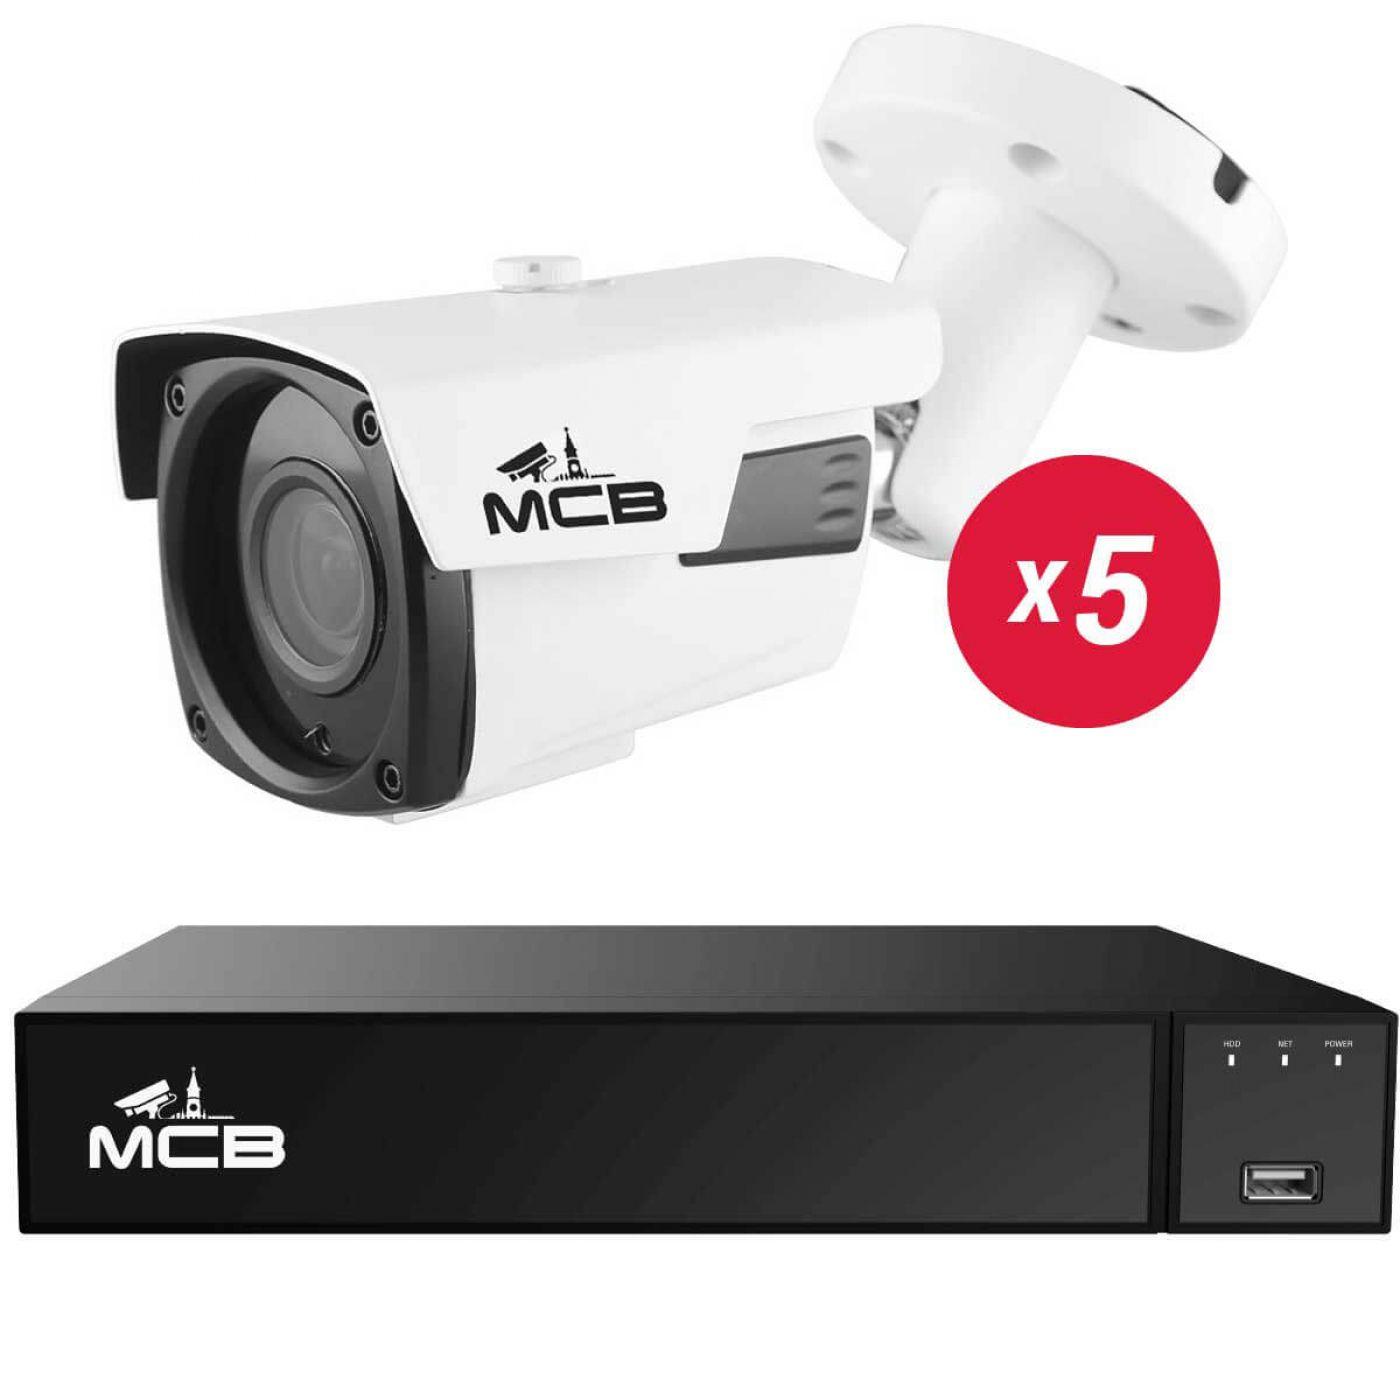 Комплект видеонаблюдения на 5 камер по 5 Мегапикселей Pro